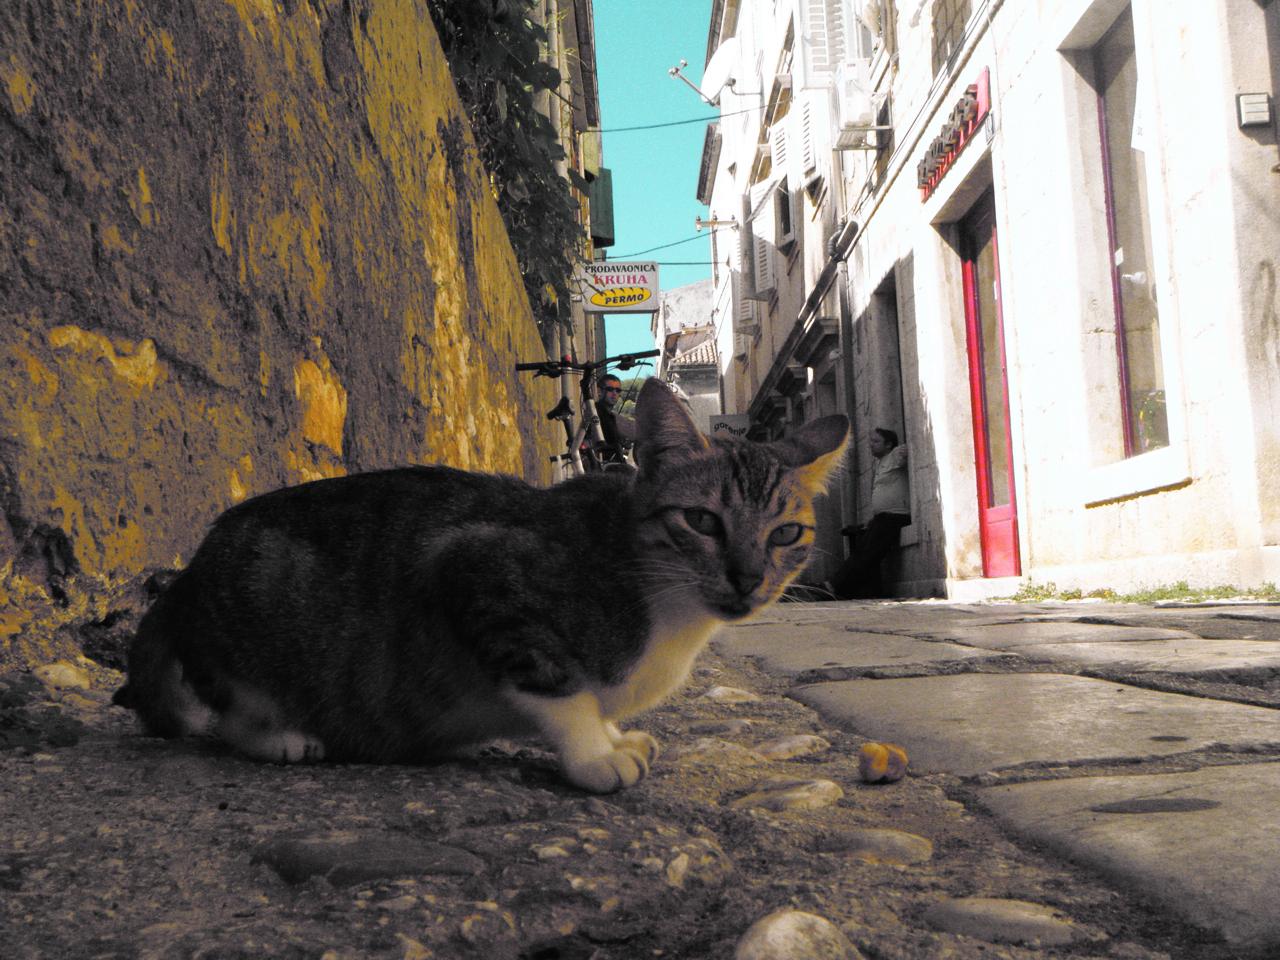 street cat, Vis, Croatia